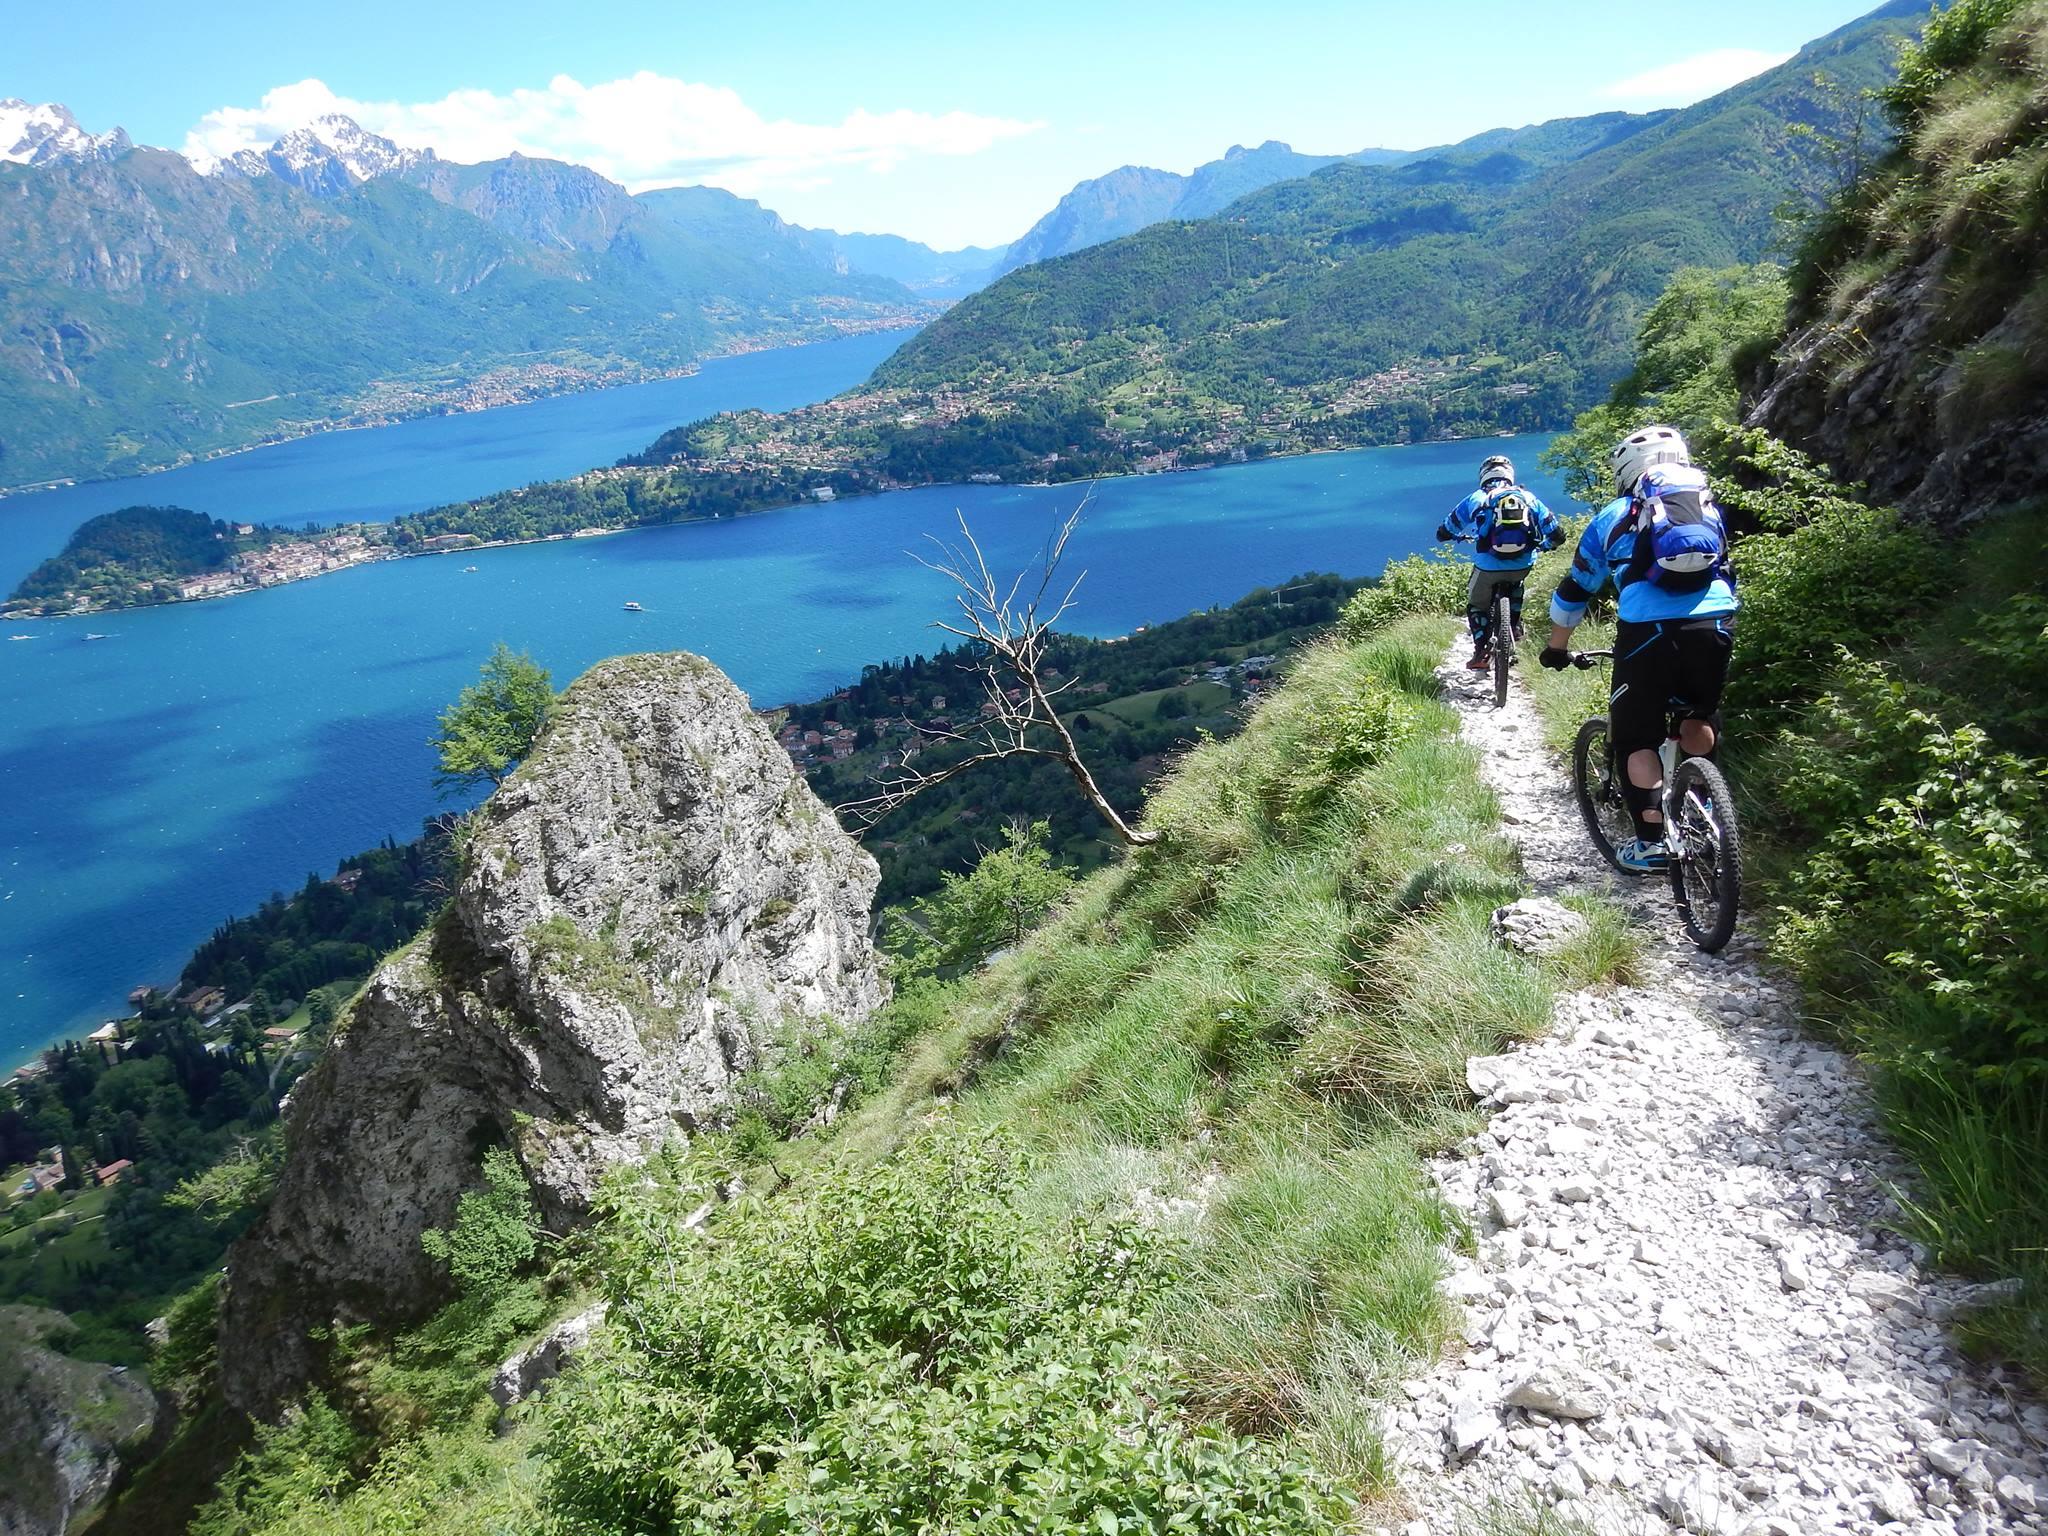 Vista sul Lago di Como durante una delle escursioni in bici del club mtb.